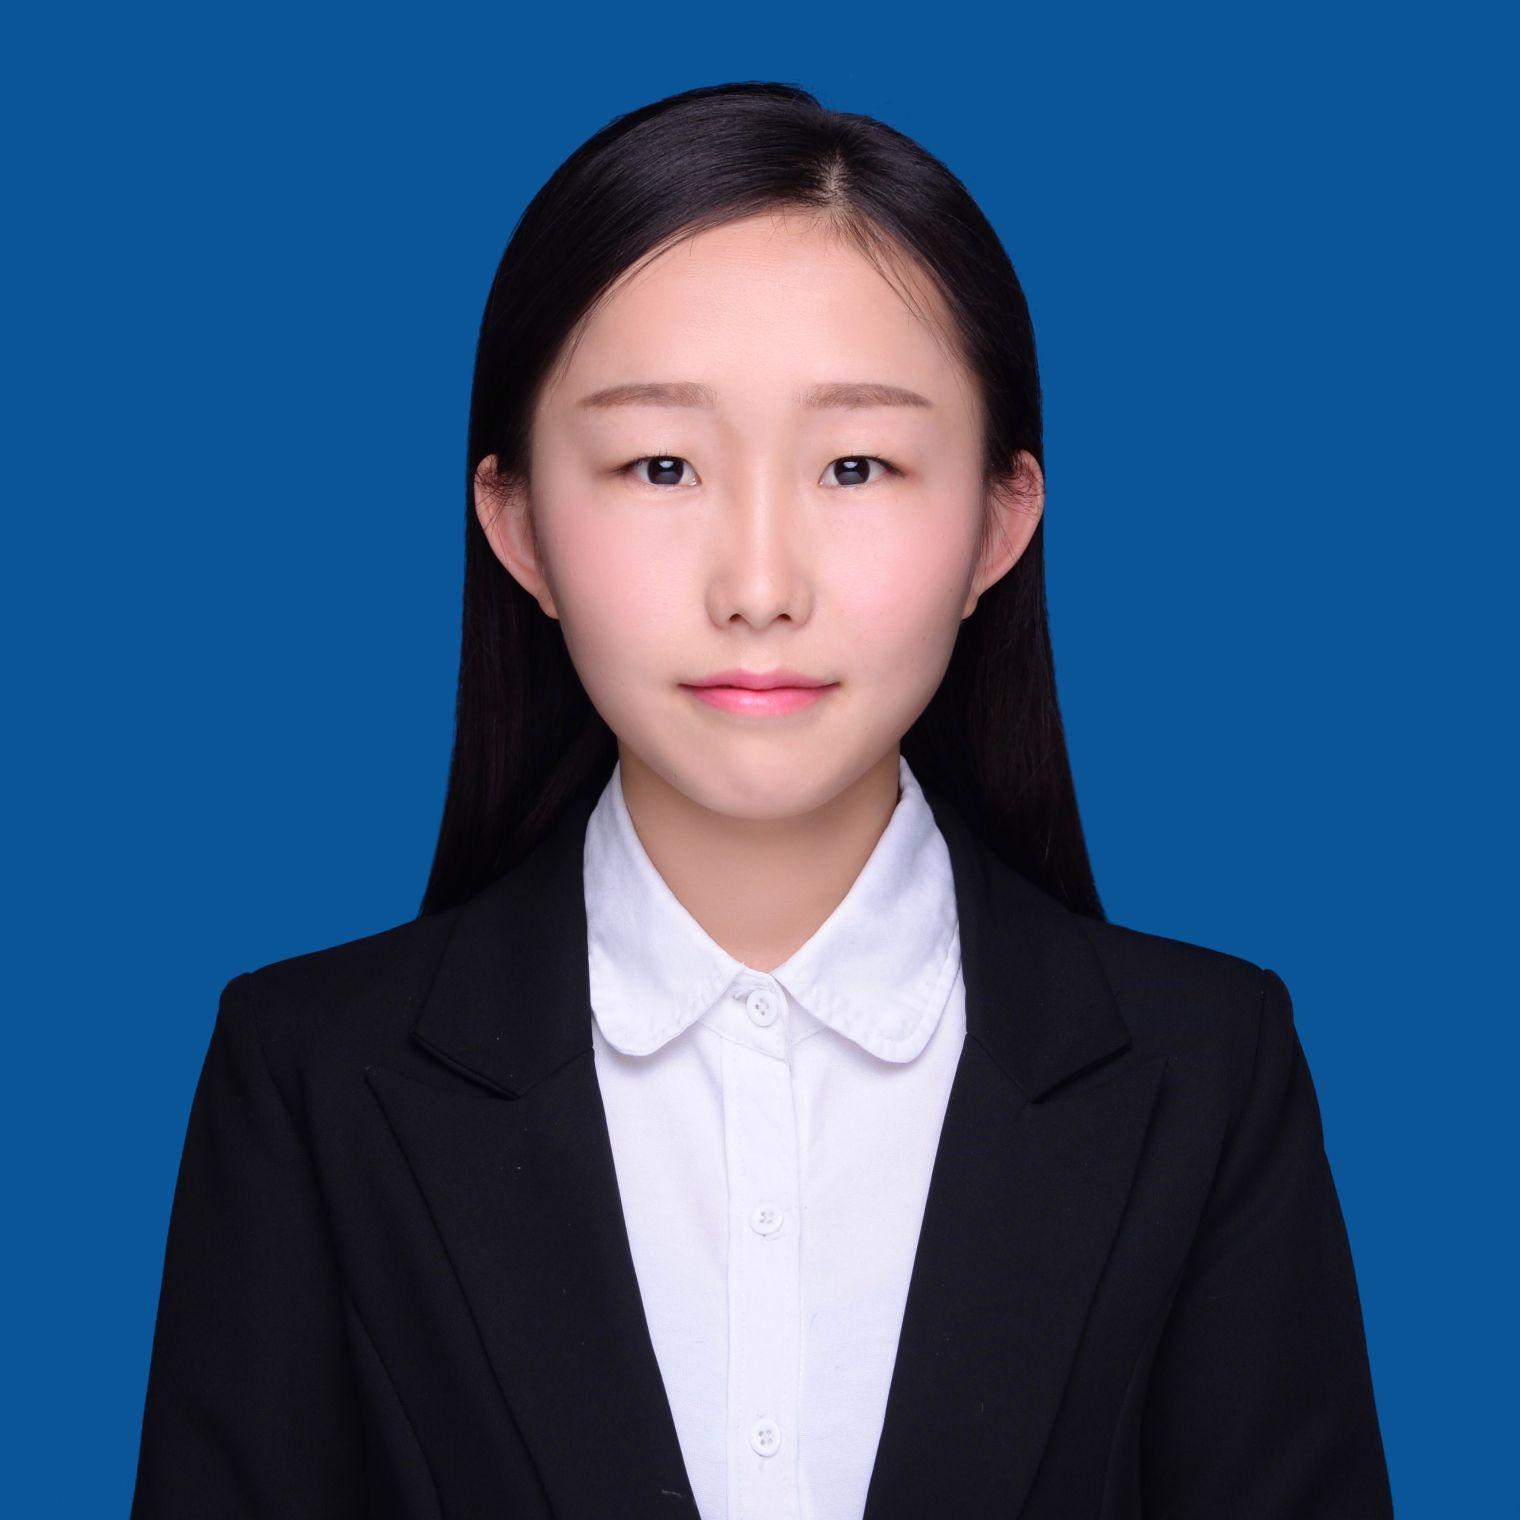 安徽坤志律师事务所刘明娟律师电话、简历(图) — 合肥律师图片